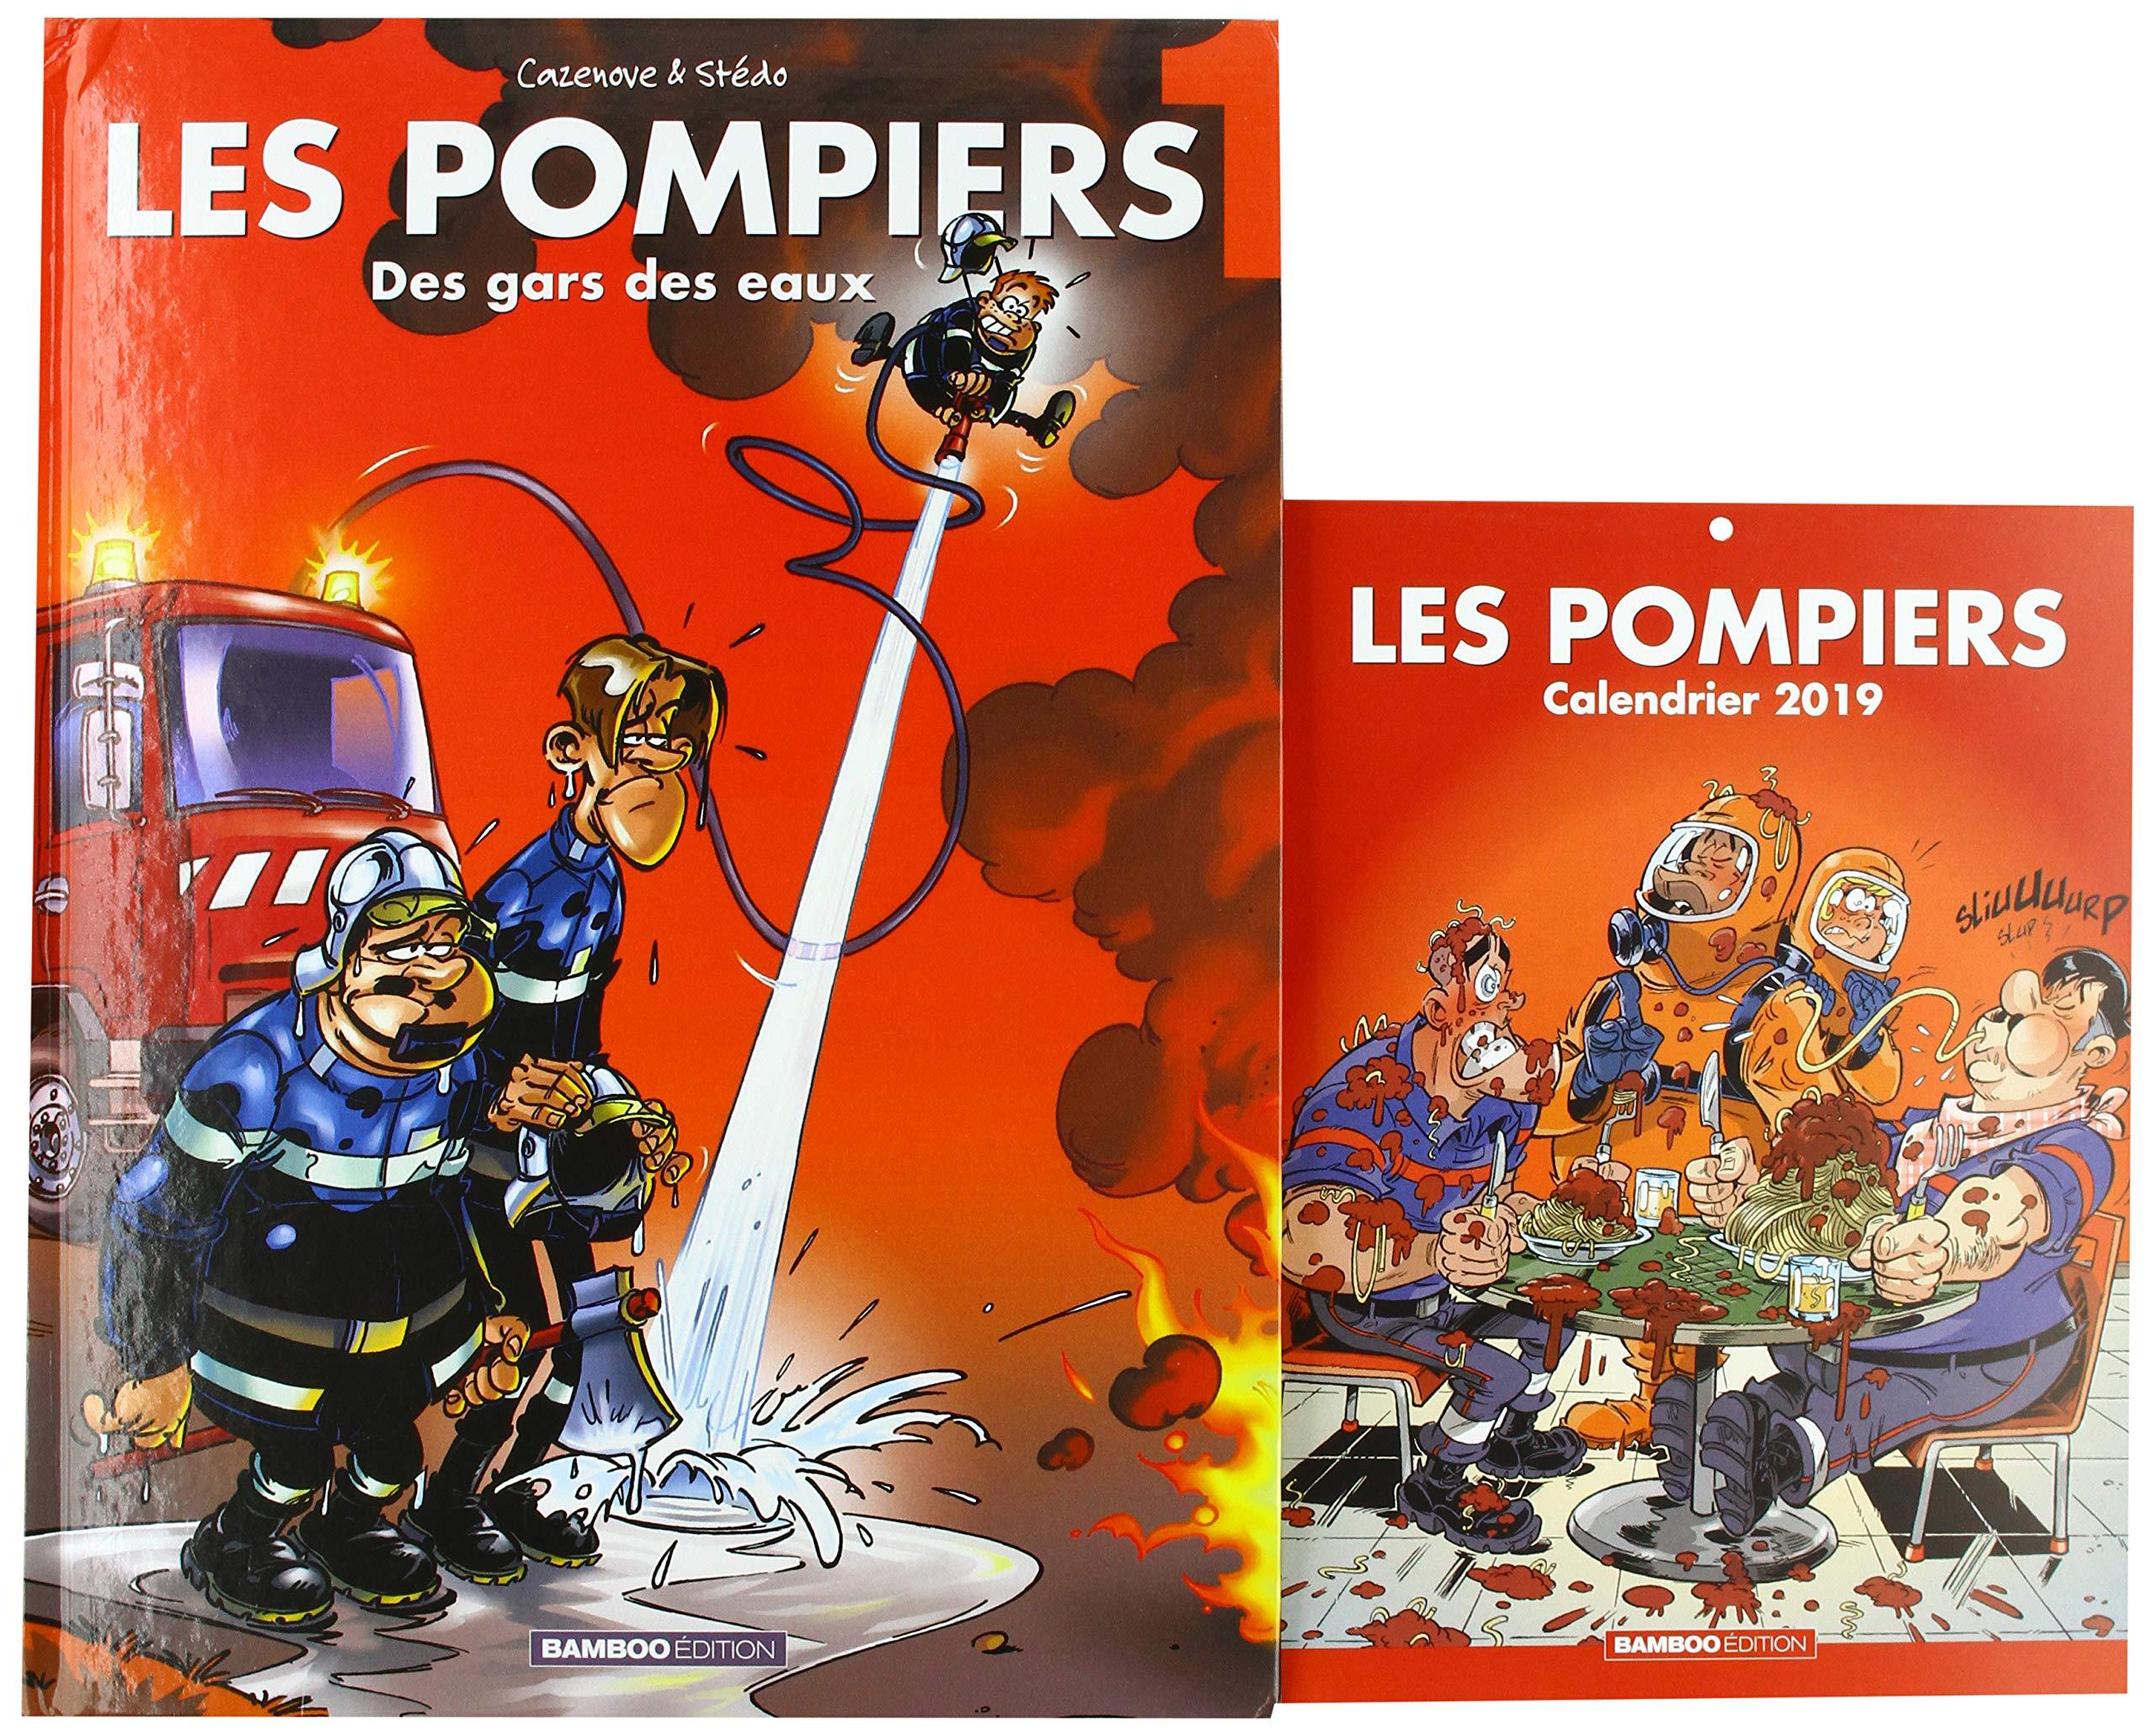 Calendrier Des Feux De L Amour 2019.Amazon Fr Les Pompiers T1 Calendrier 2019 Offert